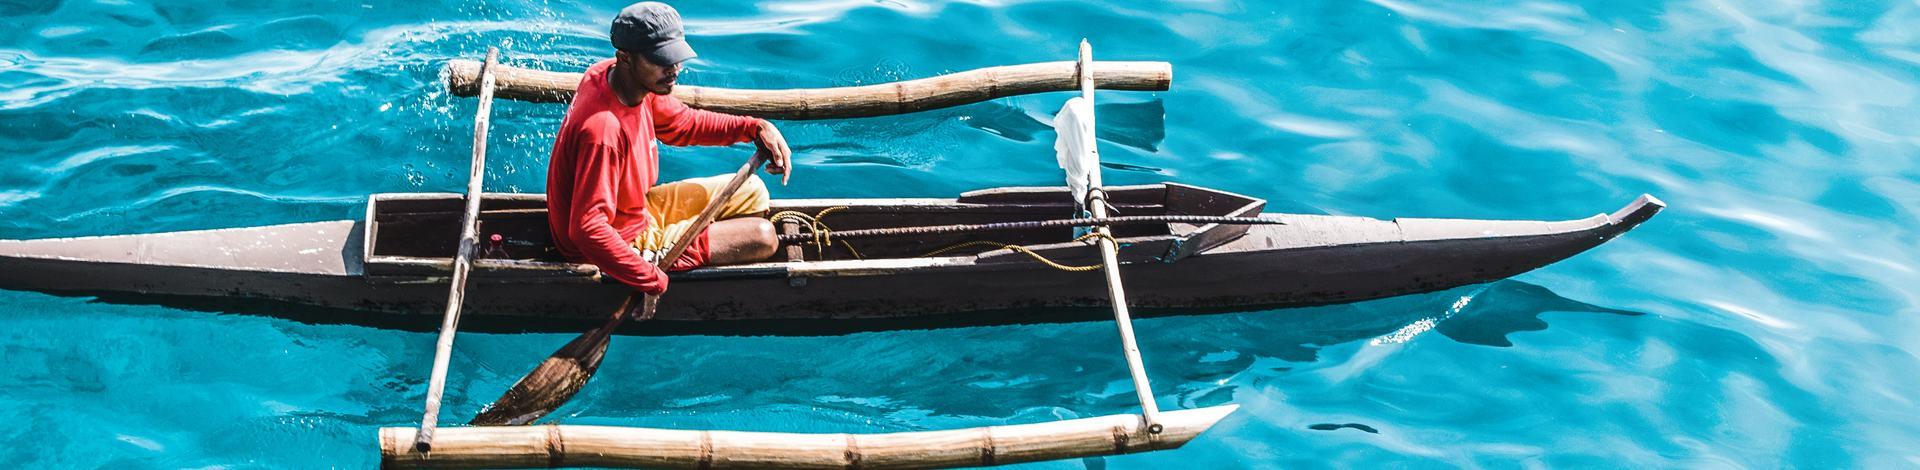 Barque pirogue Cebu Visayas Bohol